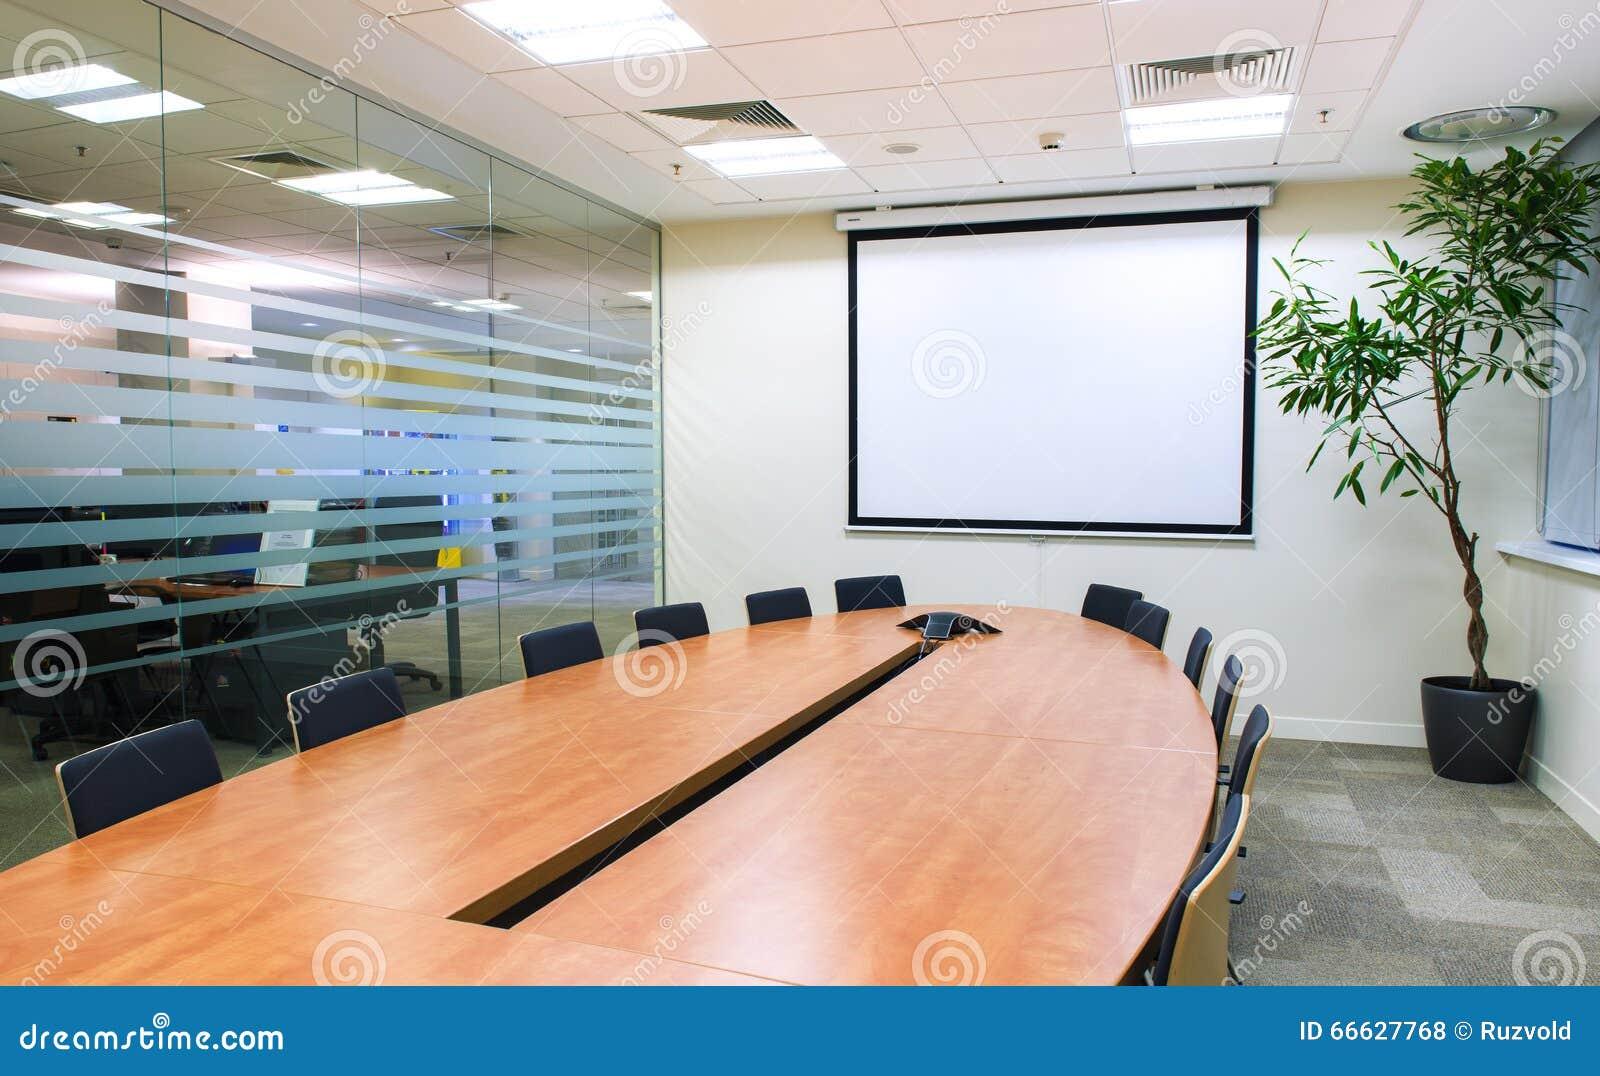 Konferenzzimmer mit Fernsehprojektor